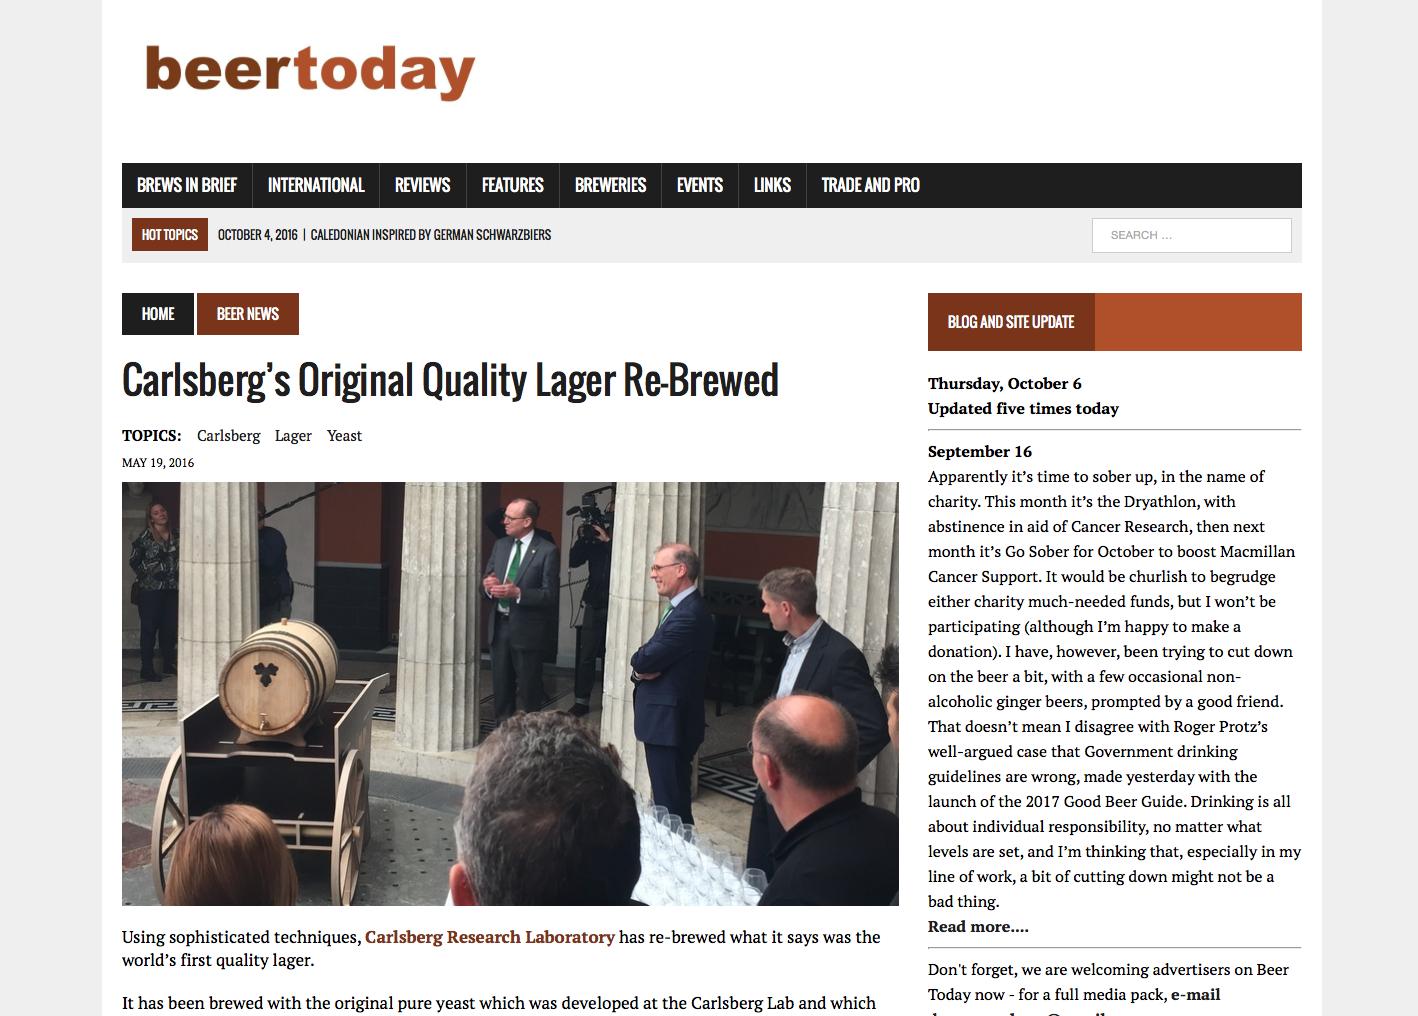 beertoday_edit